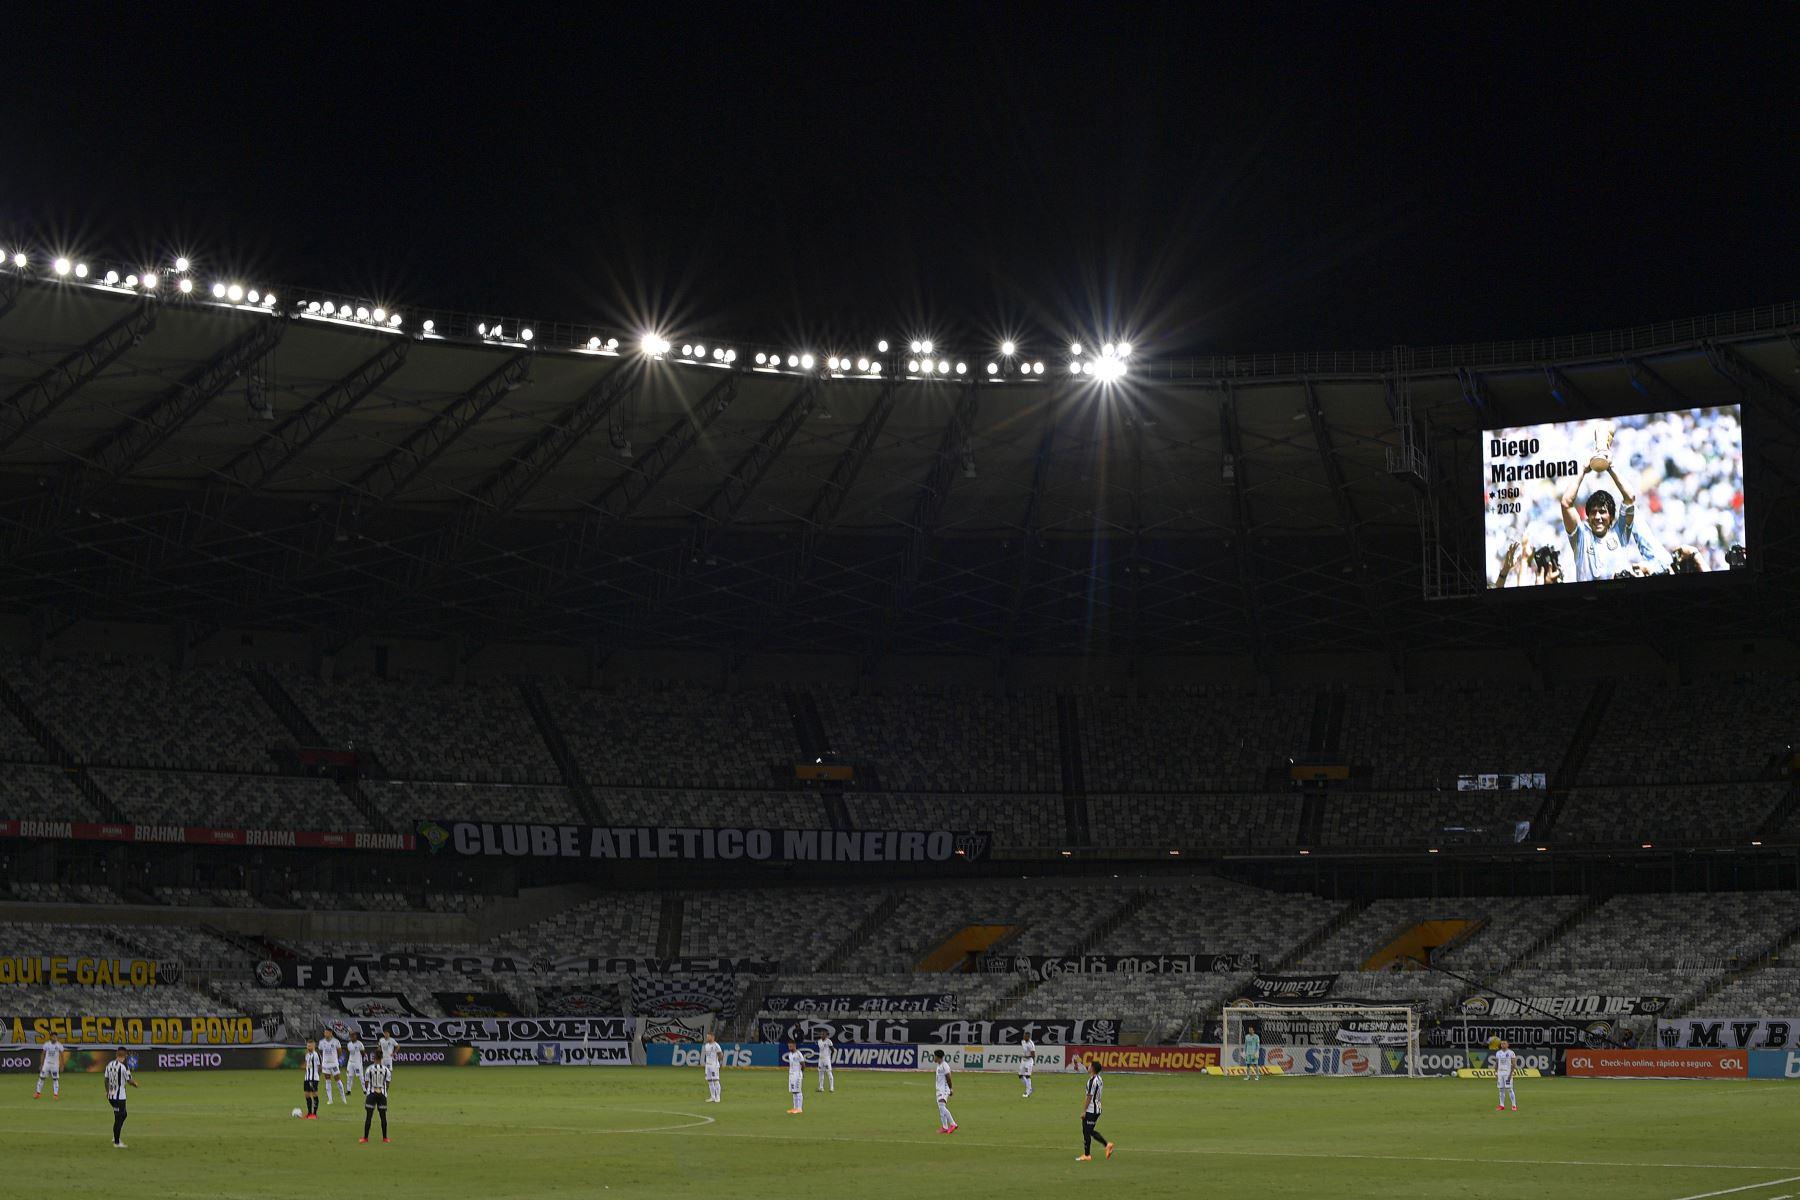 Una imagen de Diego Maradona se ve en una pantalla en el estadio Mineirao, para rendir homenaje el día de su muerte durante el partido entre Atlético Mineiro y Botafogo por el Campeonato Brasileño. Foto: AFP